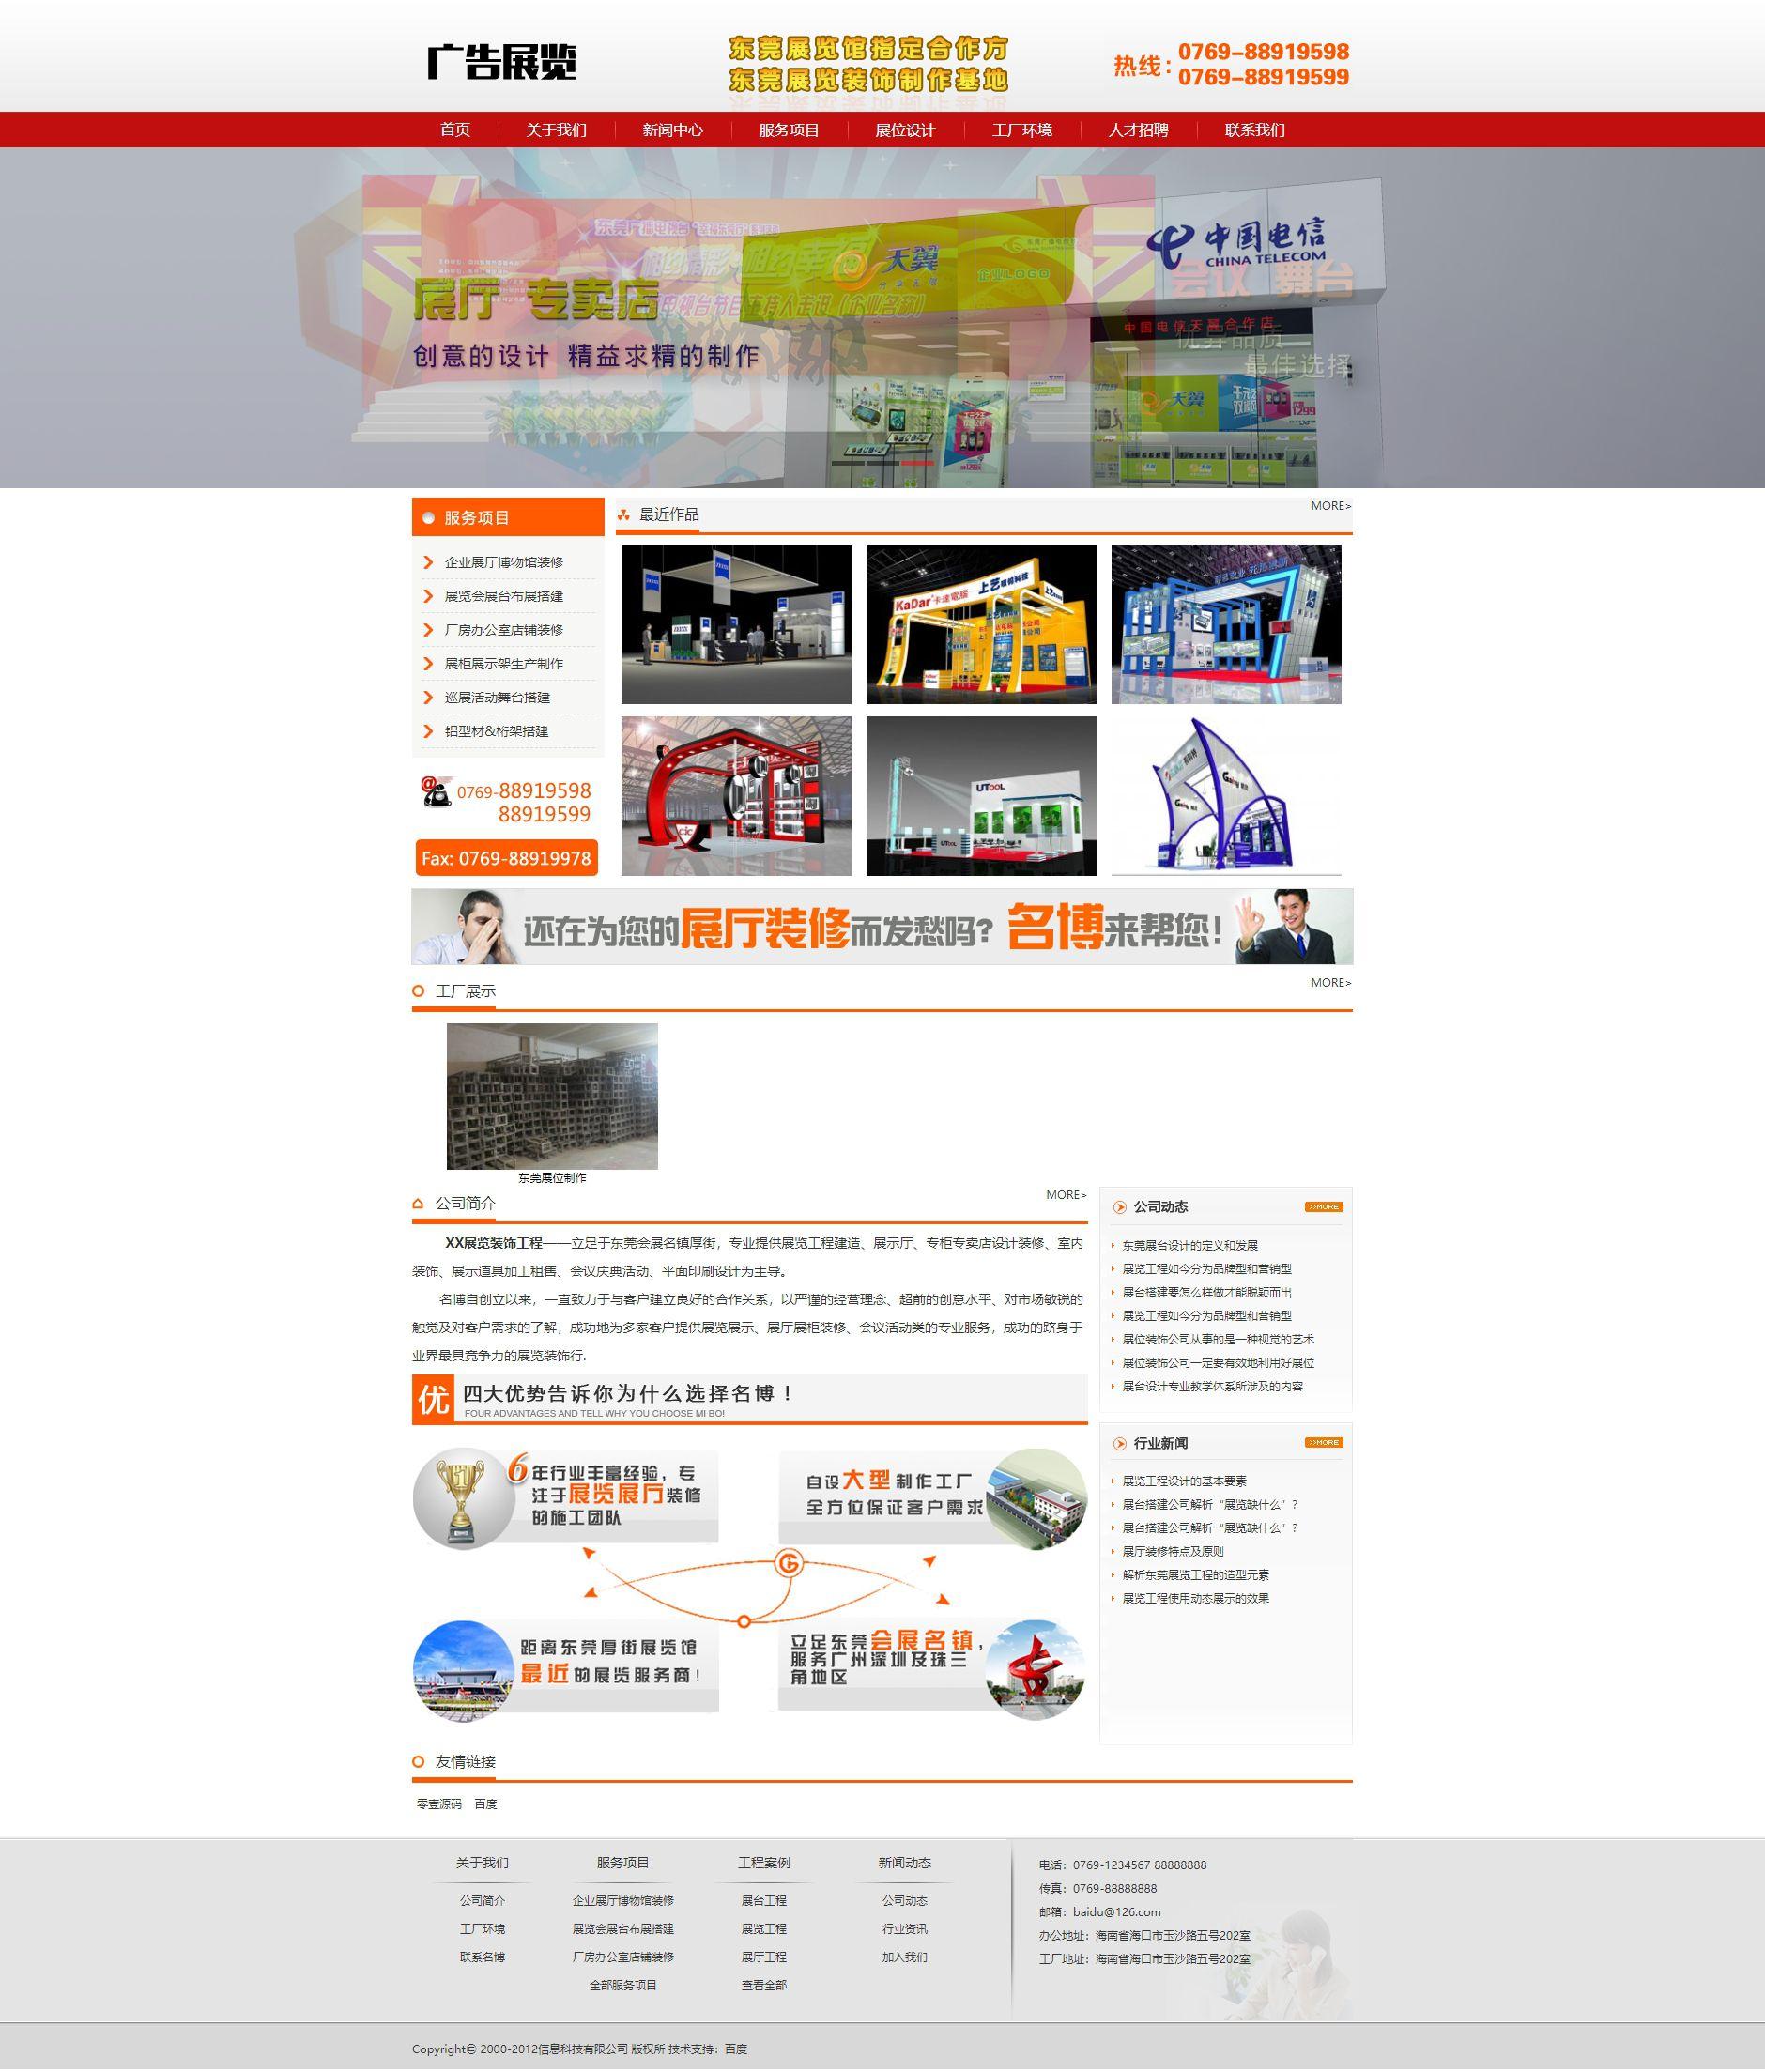 大气广告展览装饰类公司网站织梦dedecms源码